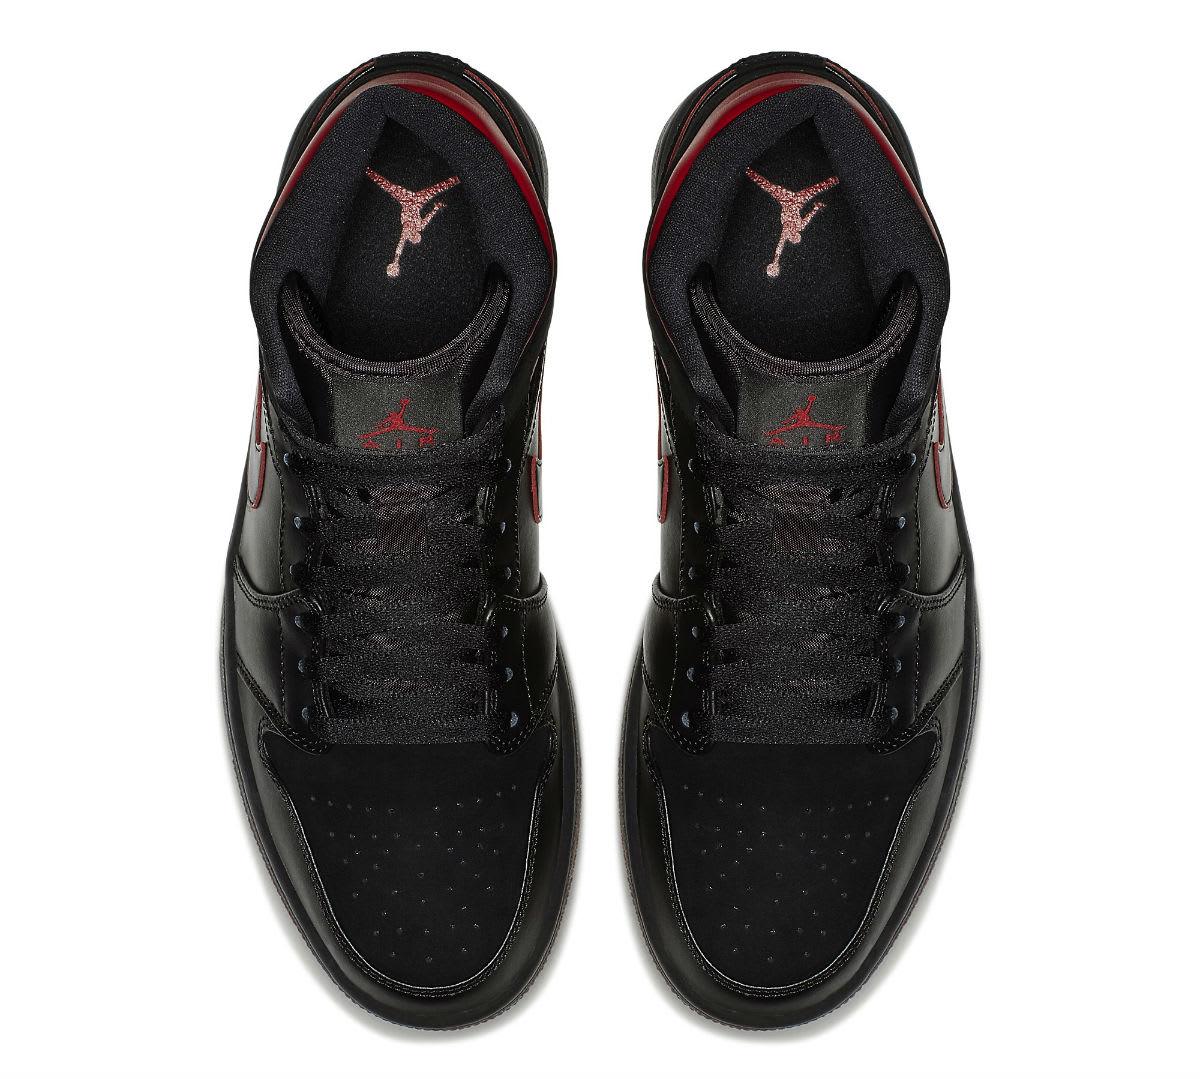 Air Jordan 1 'Last Shot' 5